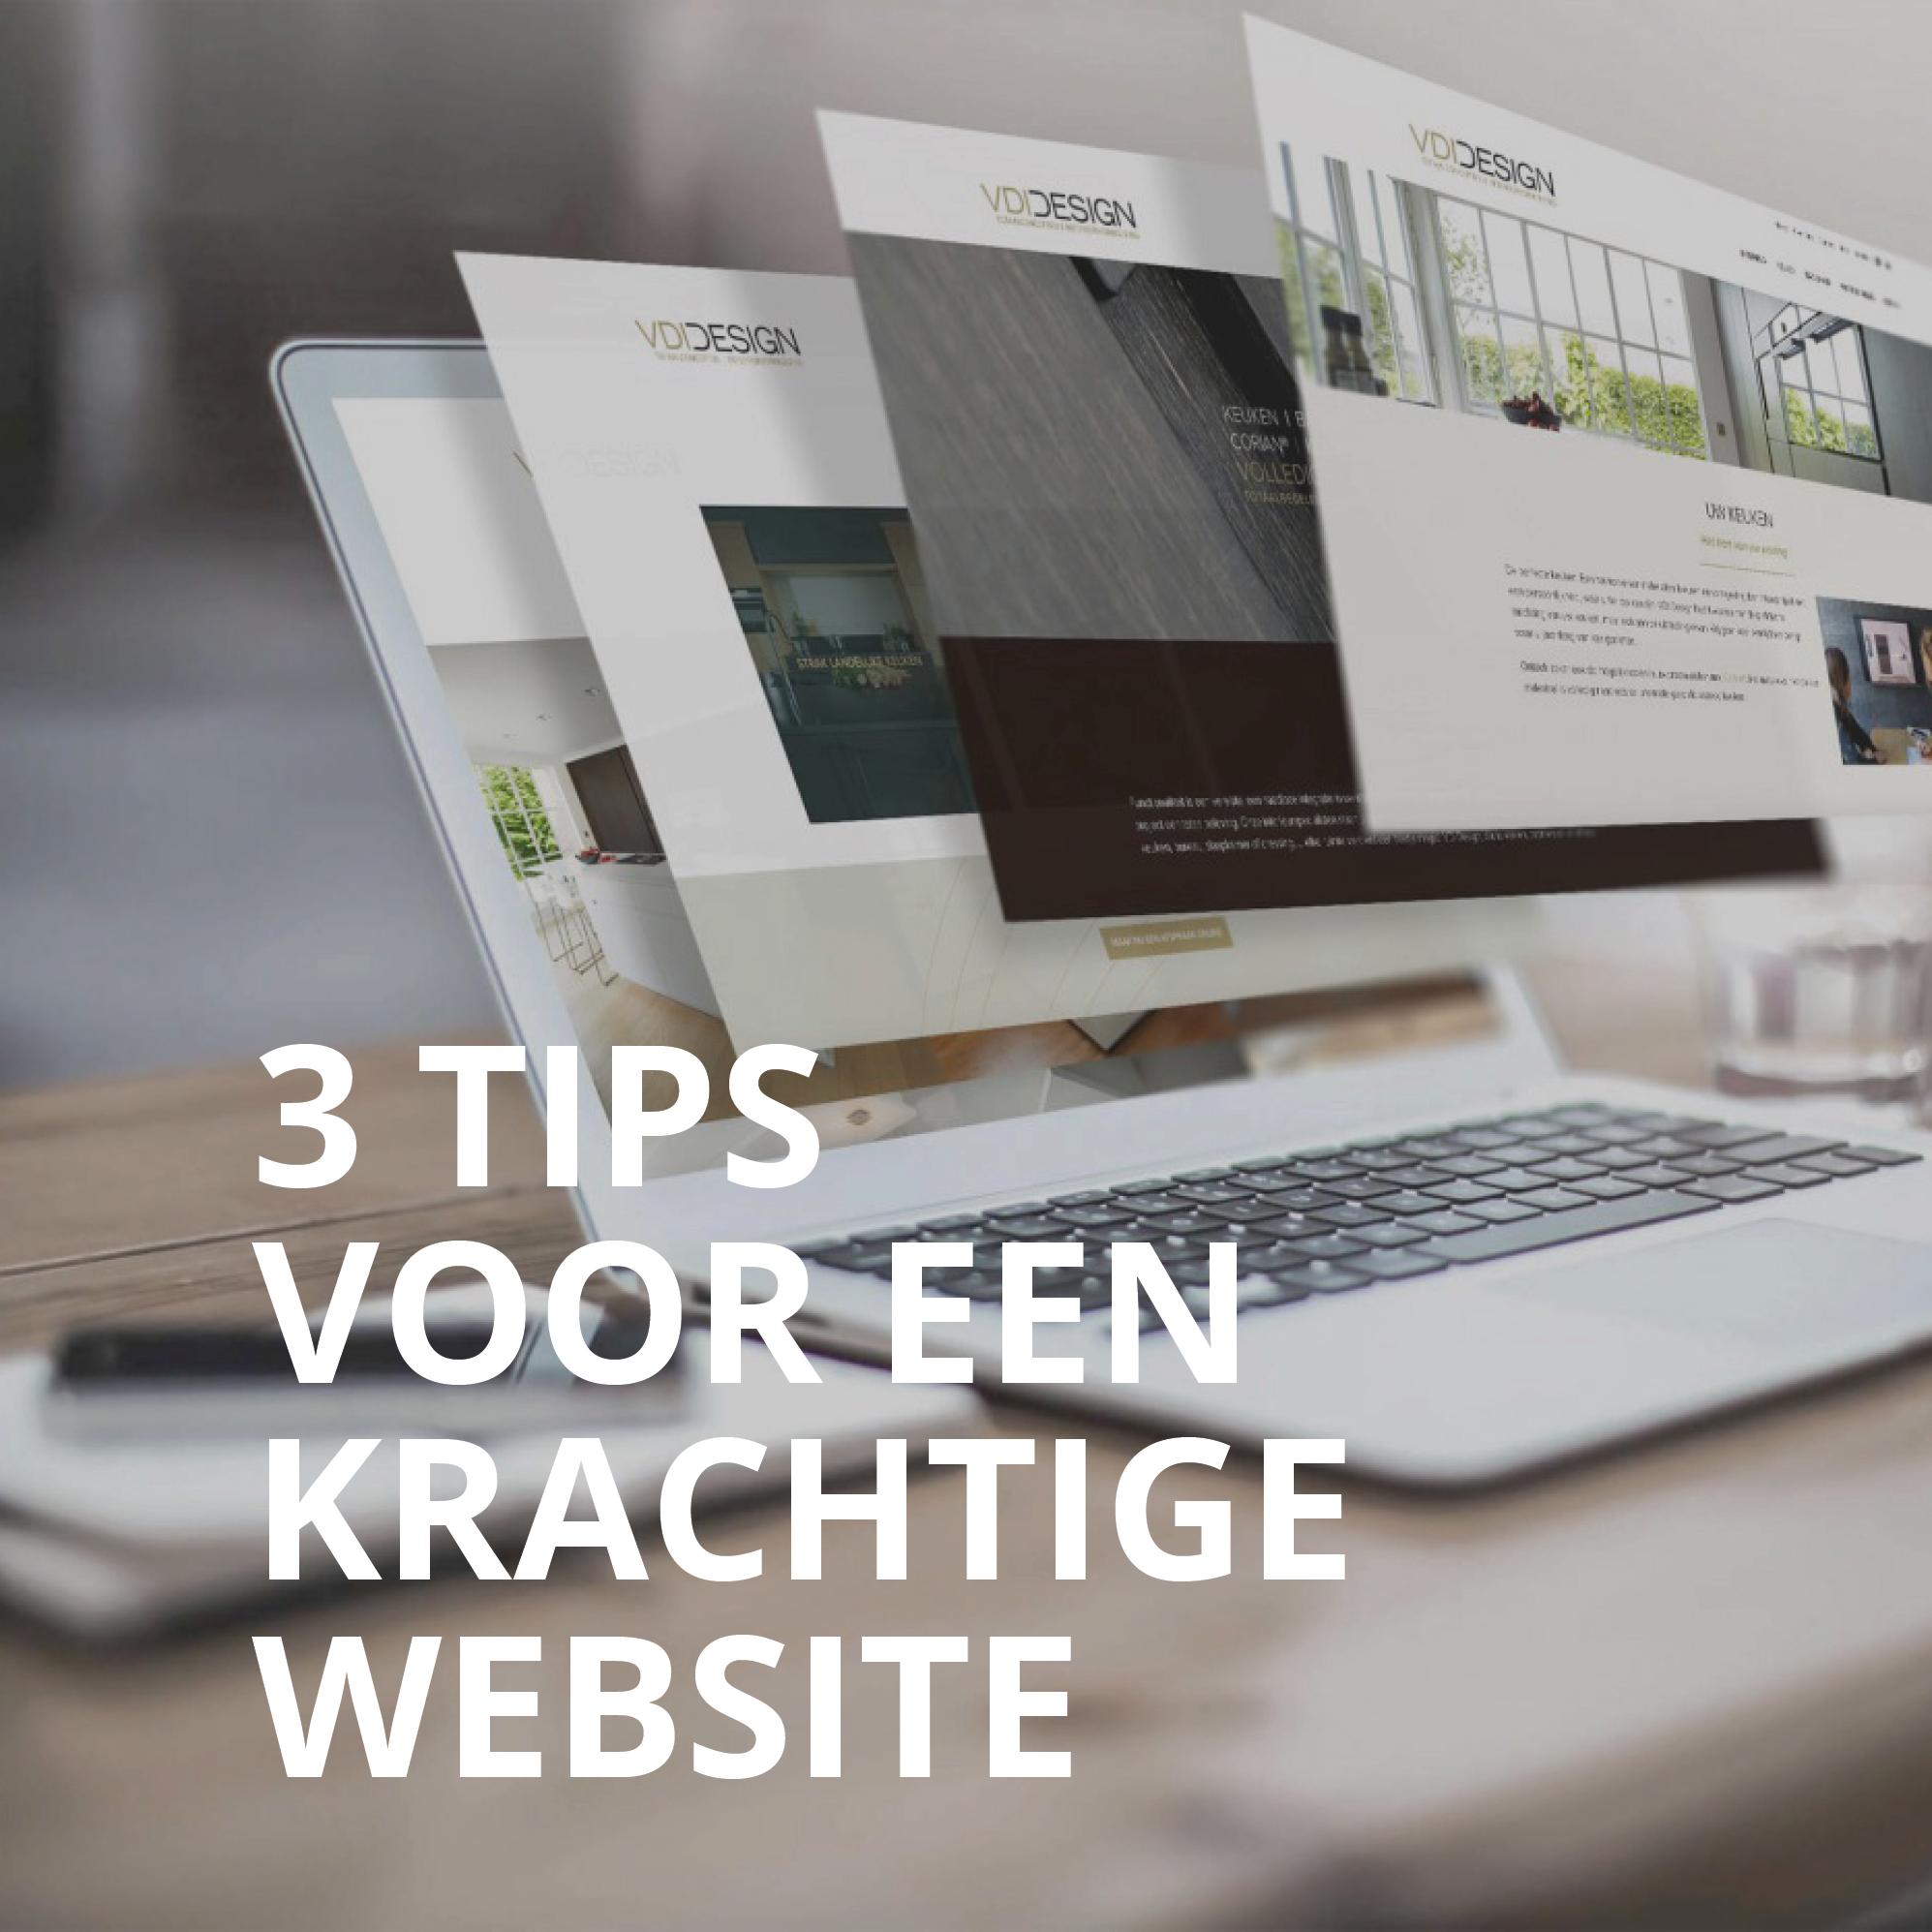 3 tips voor een krachtige website